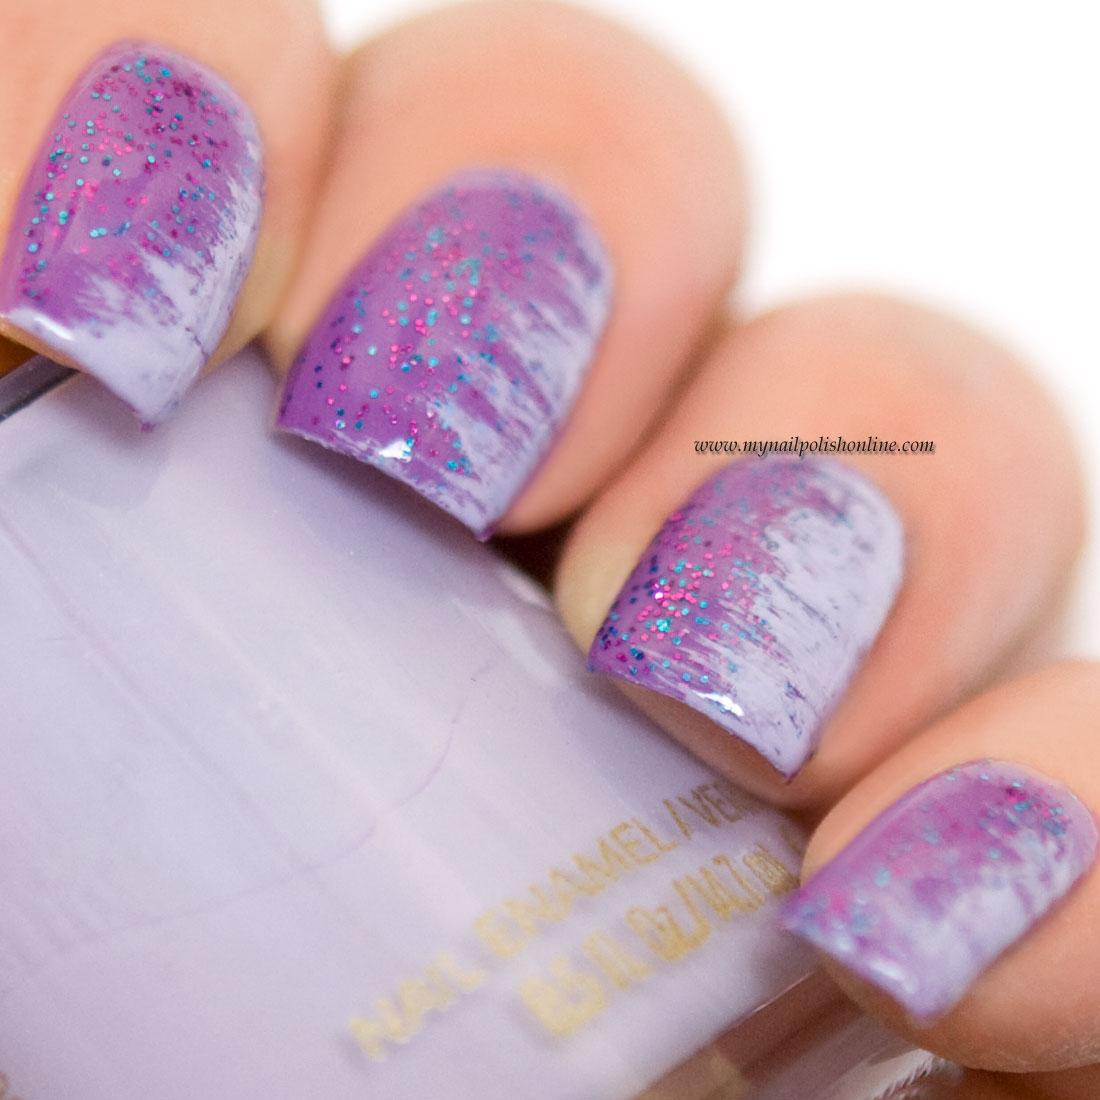 nail art - fan brush on purple